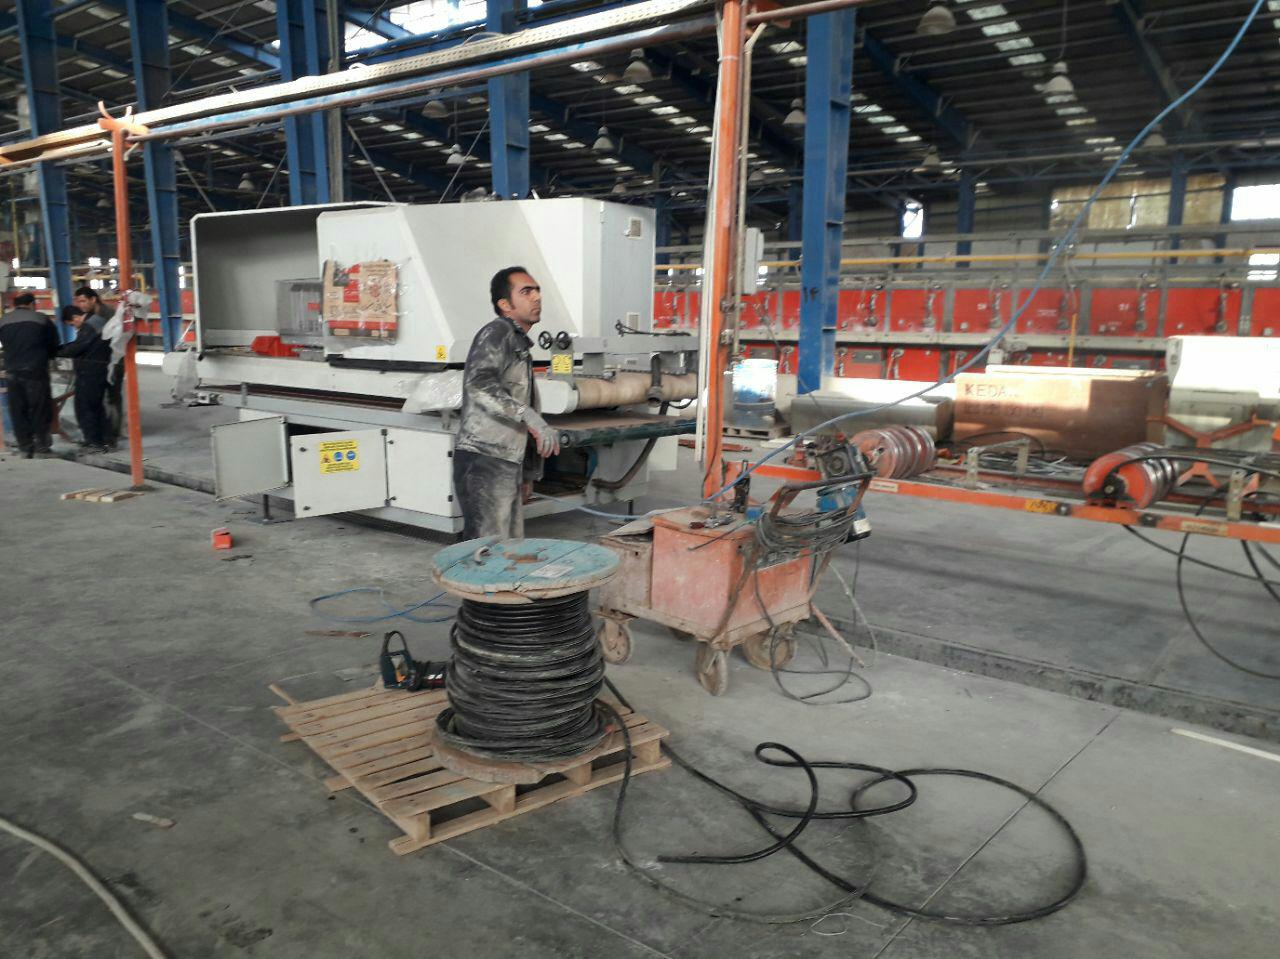 کارگران کاشی اصفهان،۵۶۰۰ماه حقوق معوقه دارند